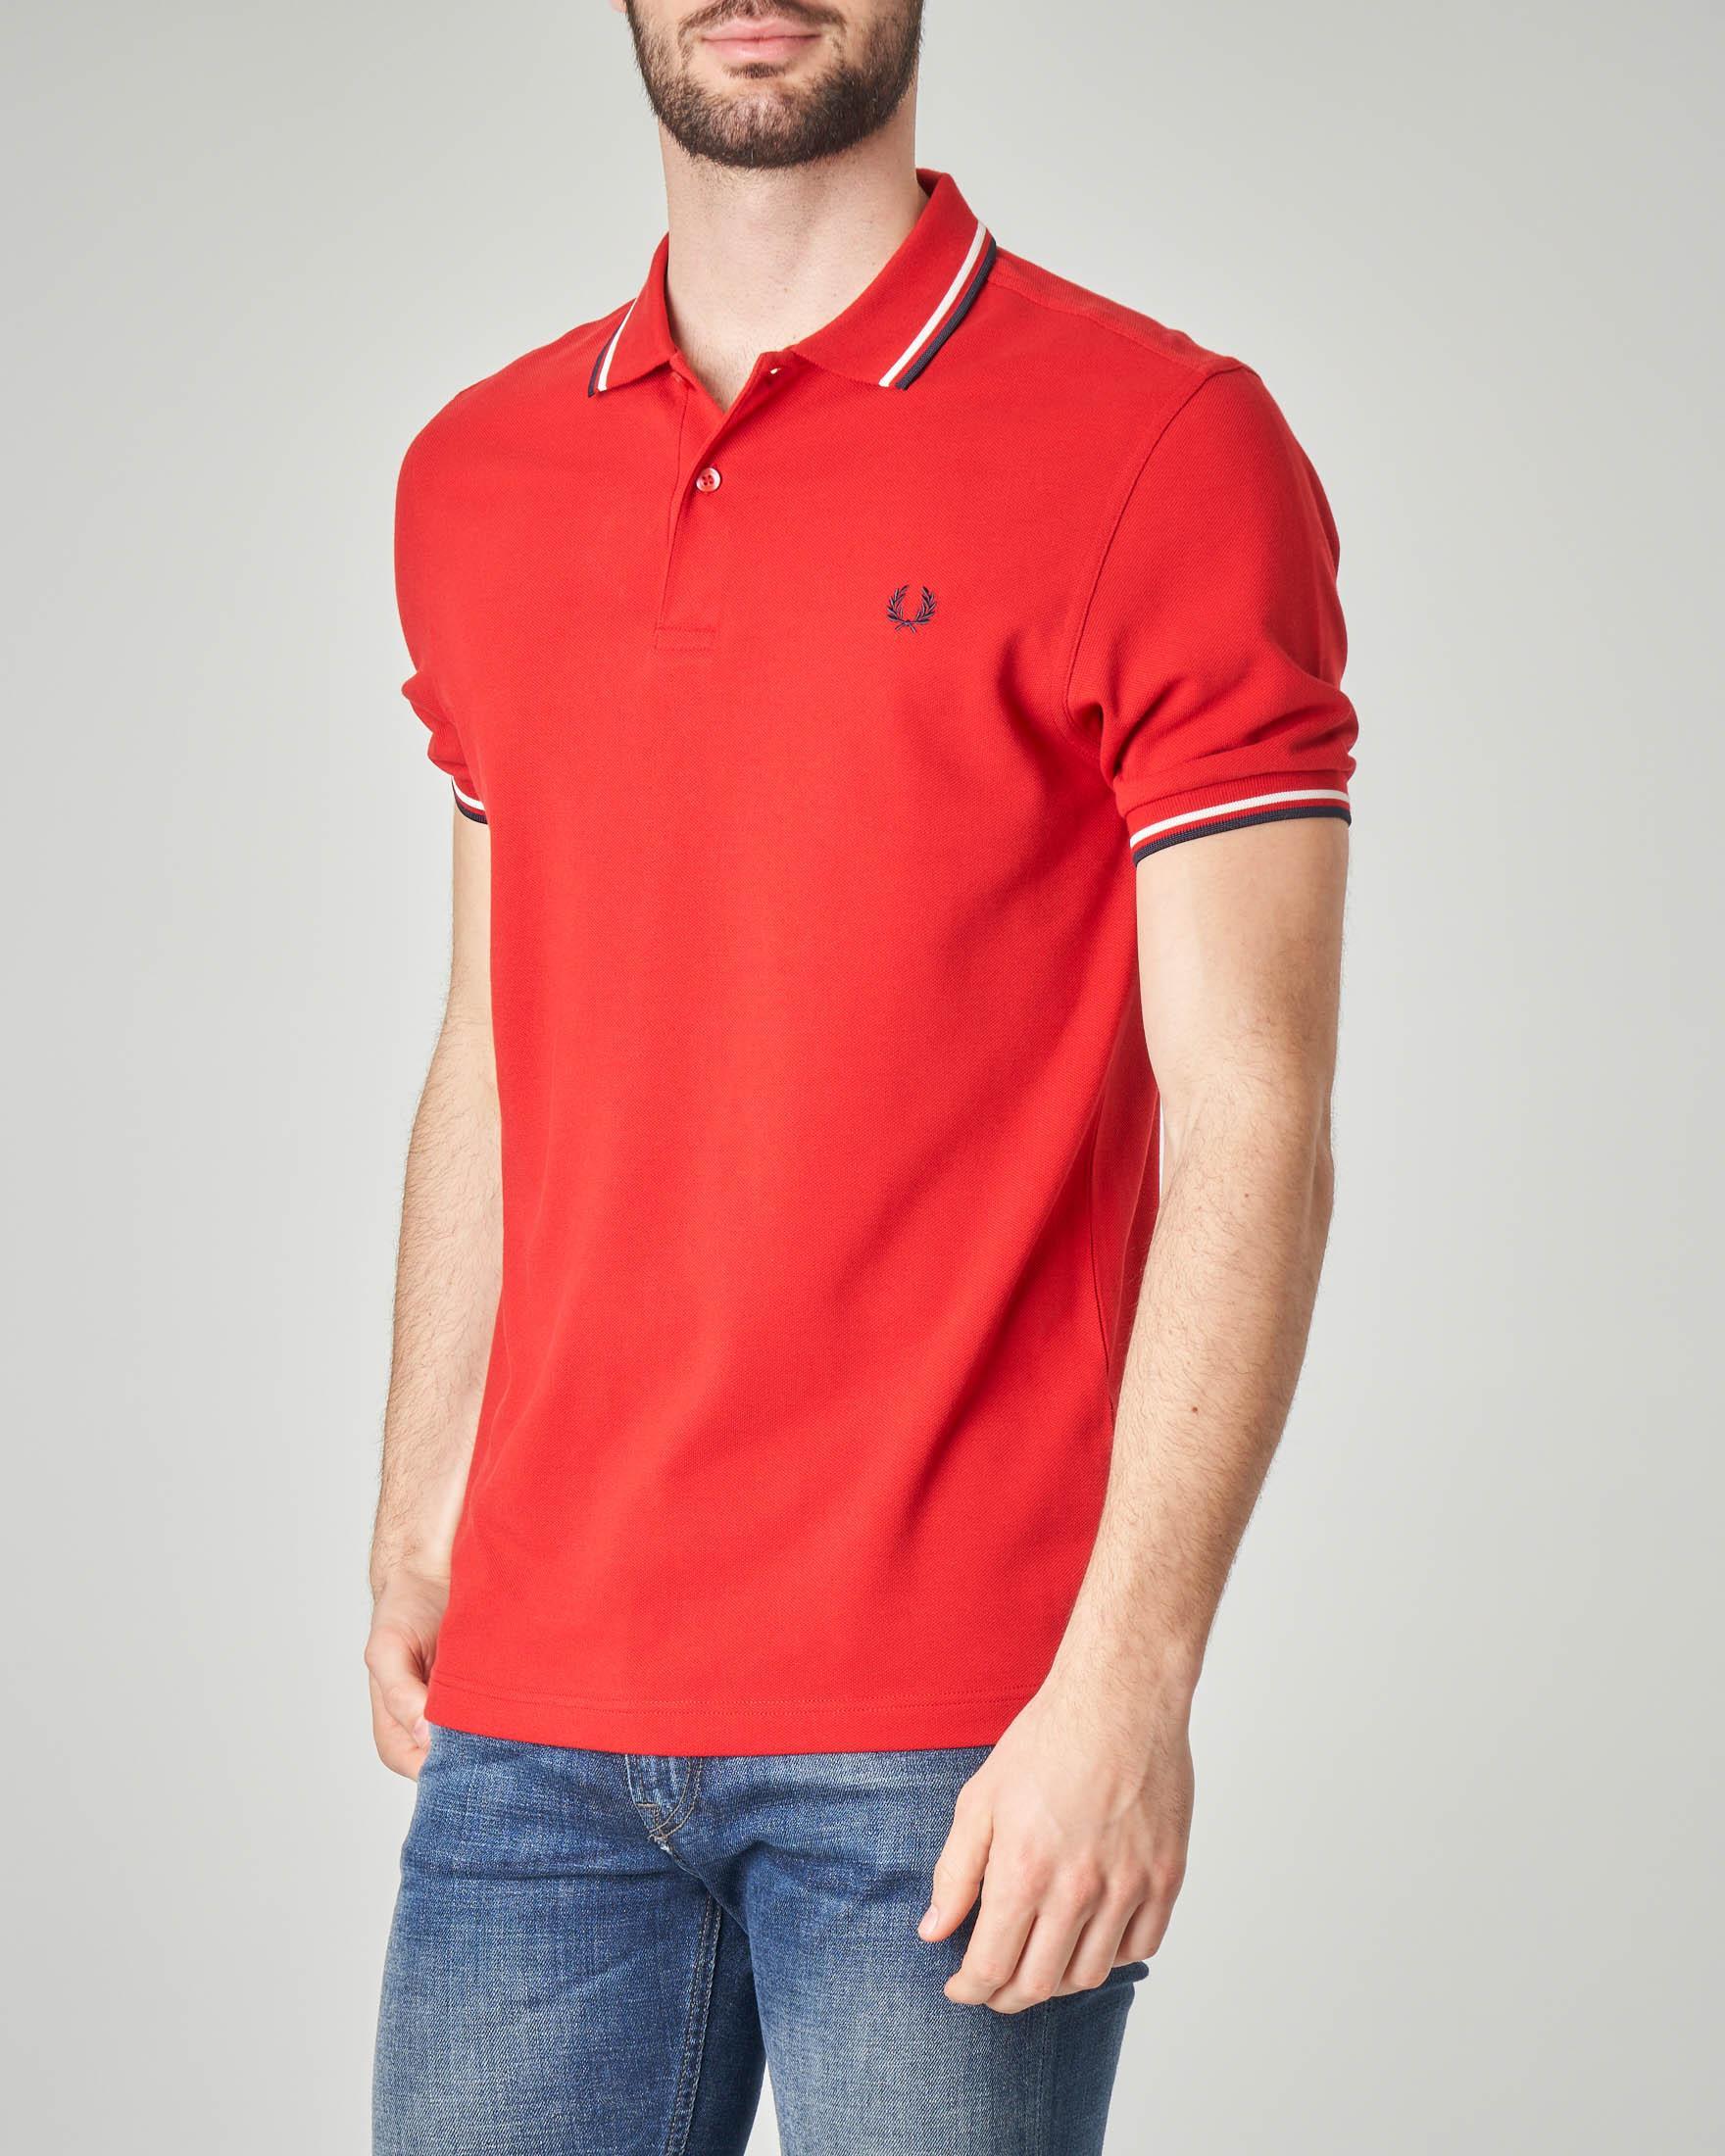 Polo rossa con bordino blu e bianco